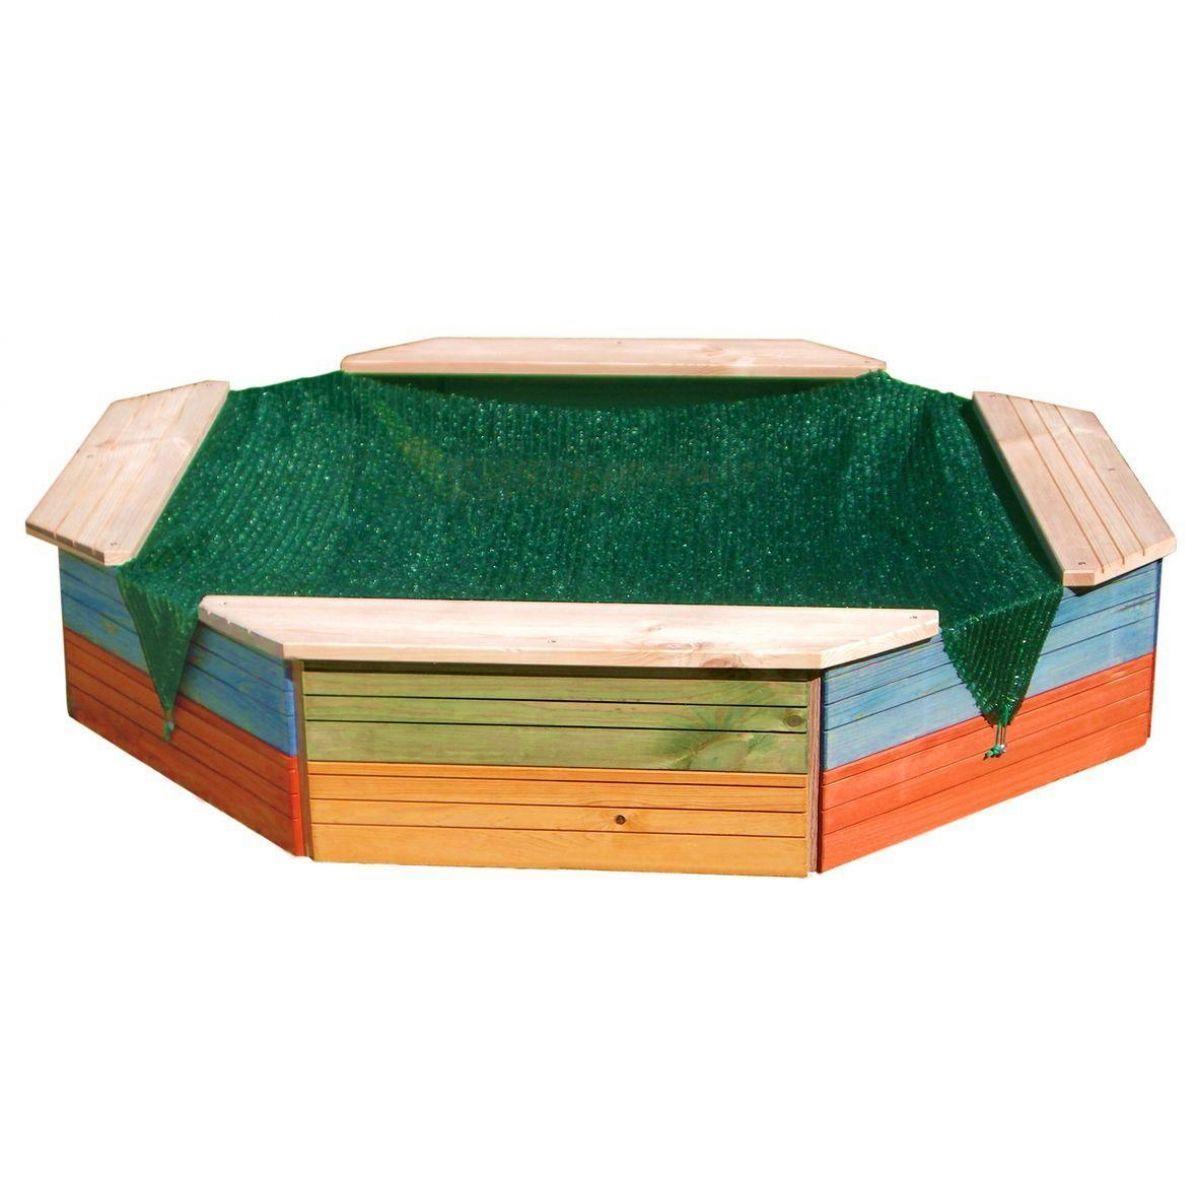 Woody Pískoviště s plachtou dřevěné - Poškozený obal